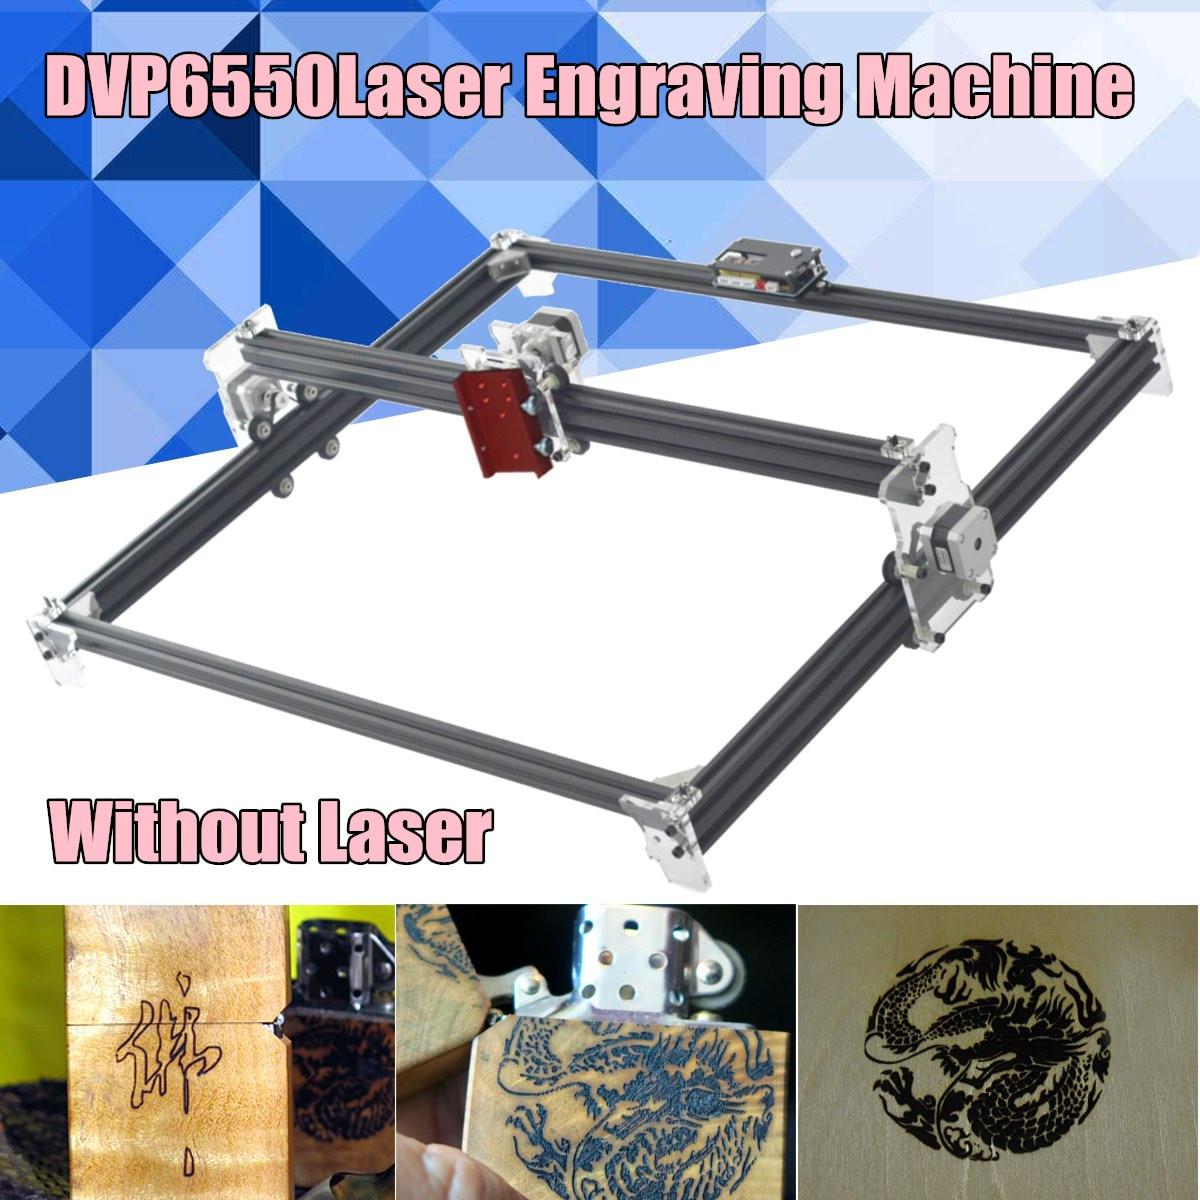 65x50cm 2Axis Laser Engraving Cutting Machine Engraver CNC Desktop CNC Router Best Advanced toys Without Laser jinan acctek cheap low cost cnc router machine price desktop cnc router